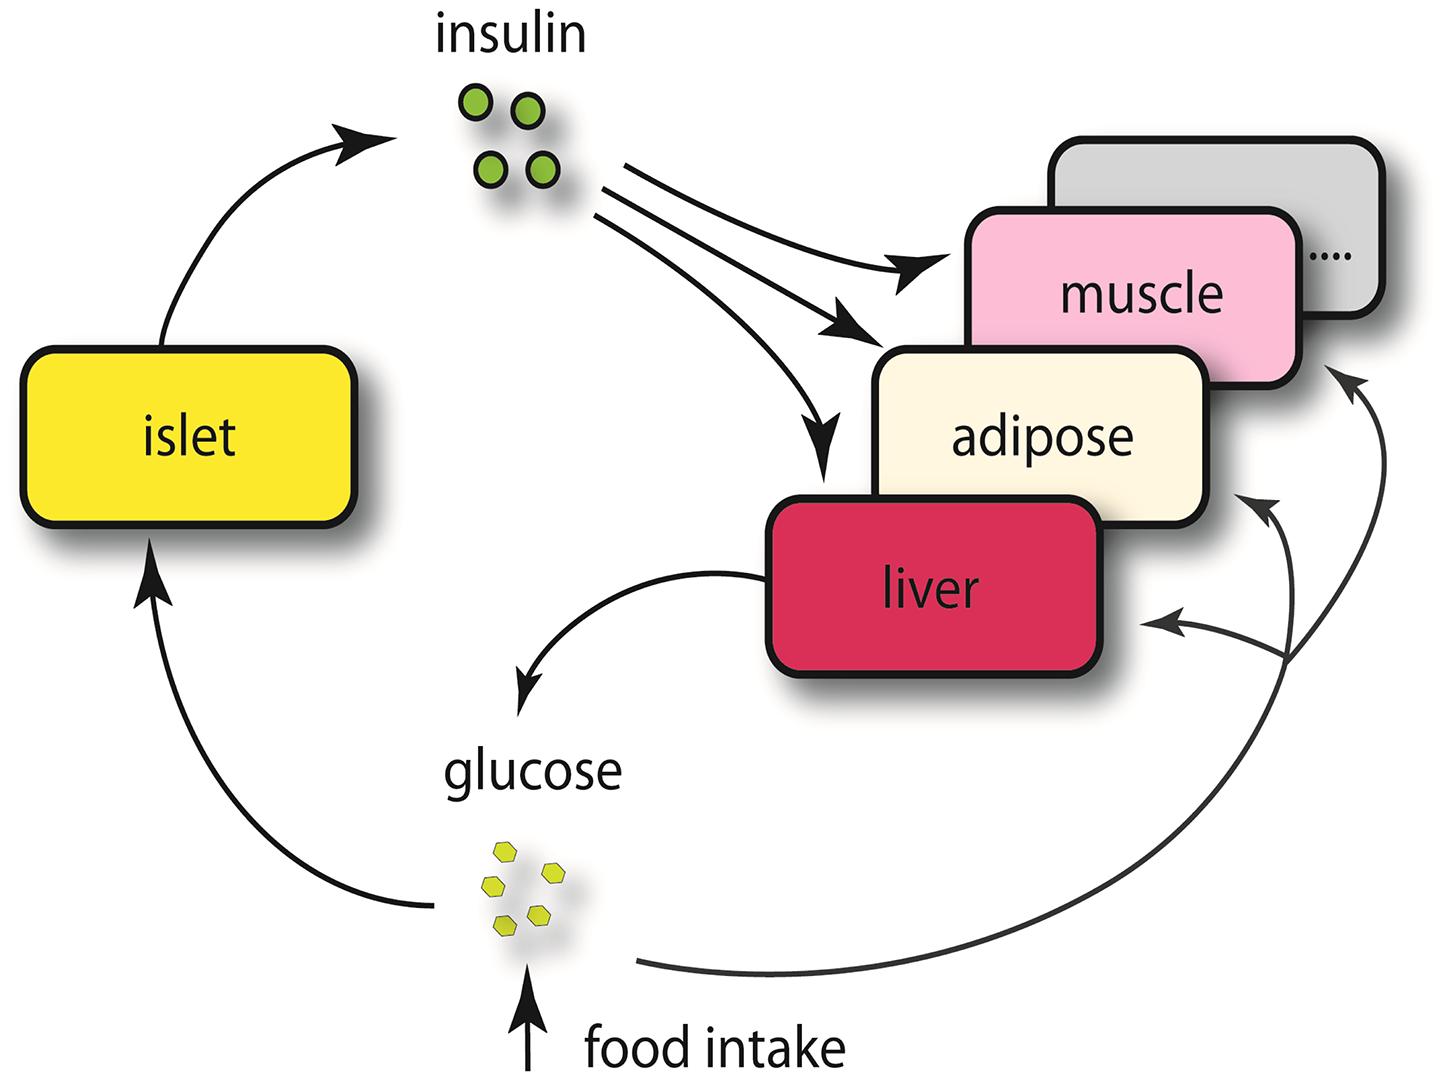 Schematics view of insulin regulation.